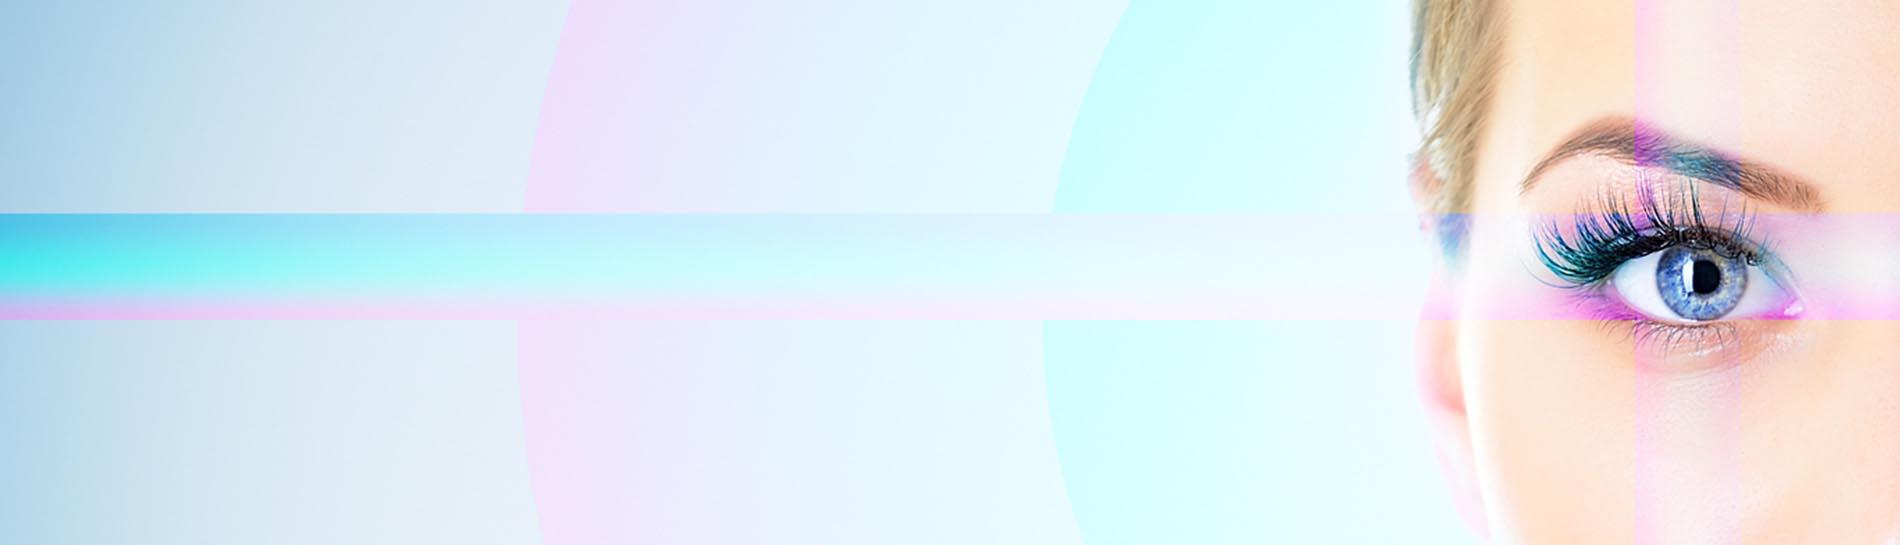 LASIK vagy PRK  - Lézeres látásjavítás - Orbident  481e420b10